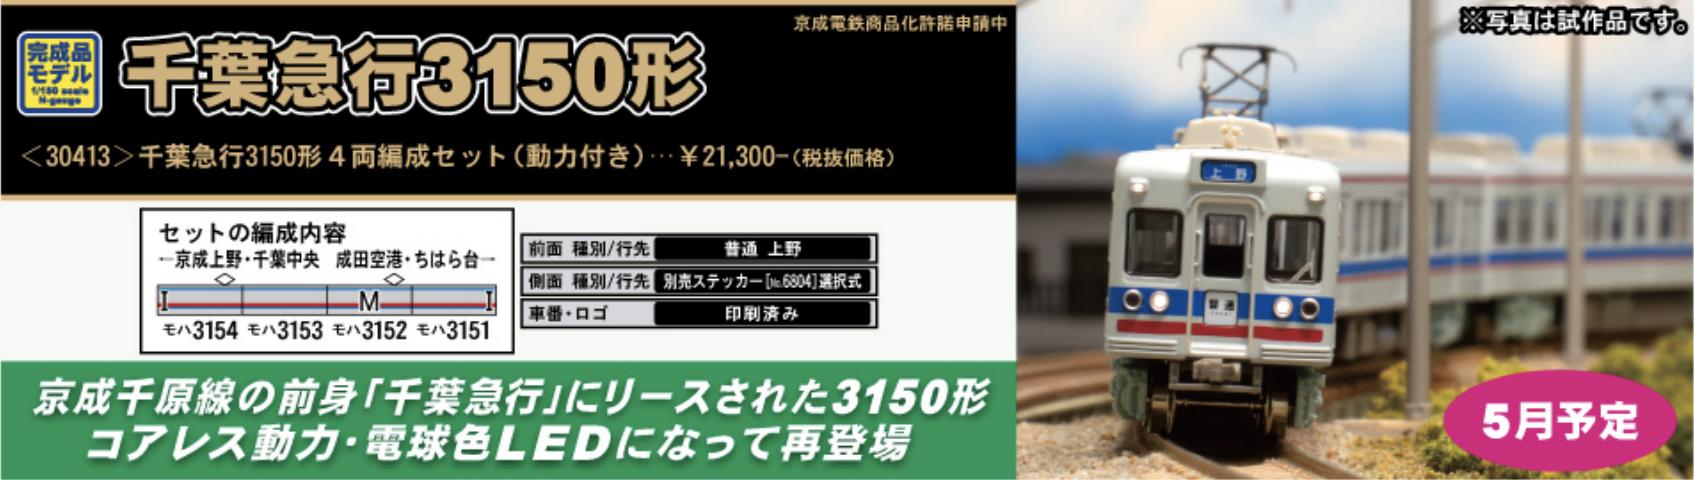 グリーンマックス 30413 千葉急行3150形 4両編成セット(動力付き)